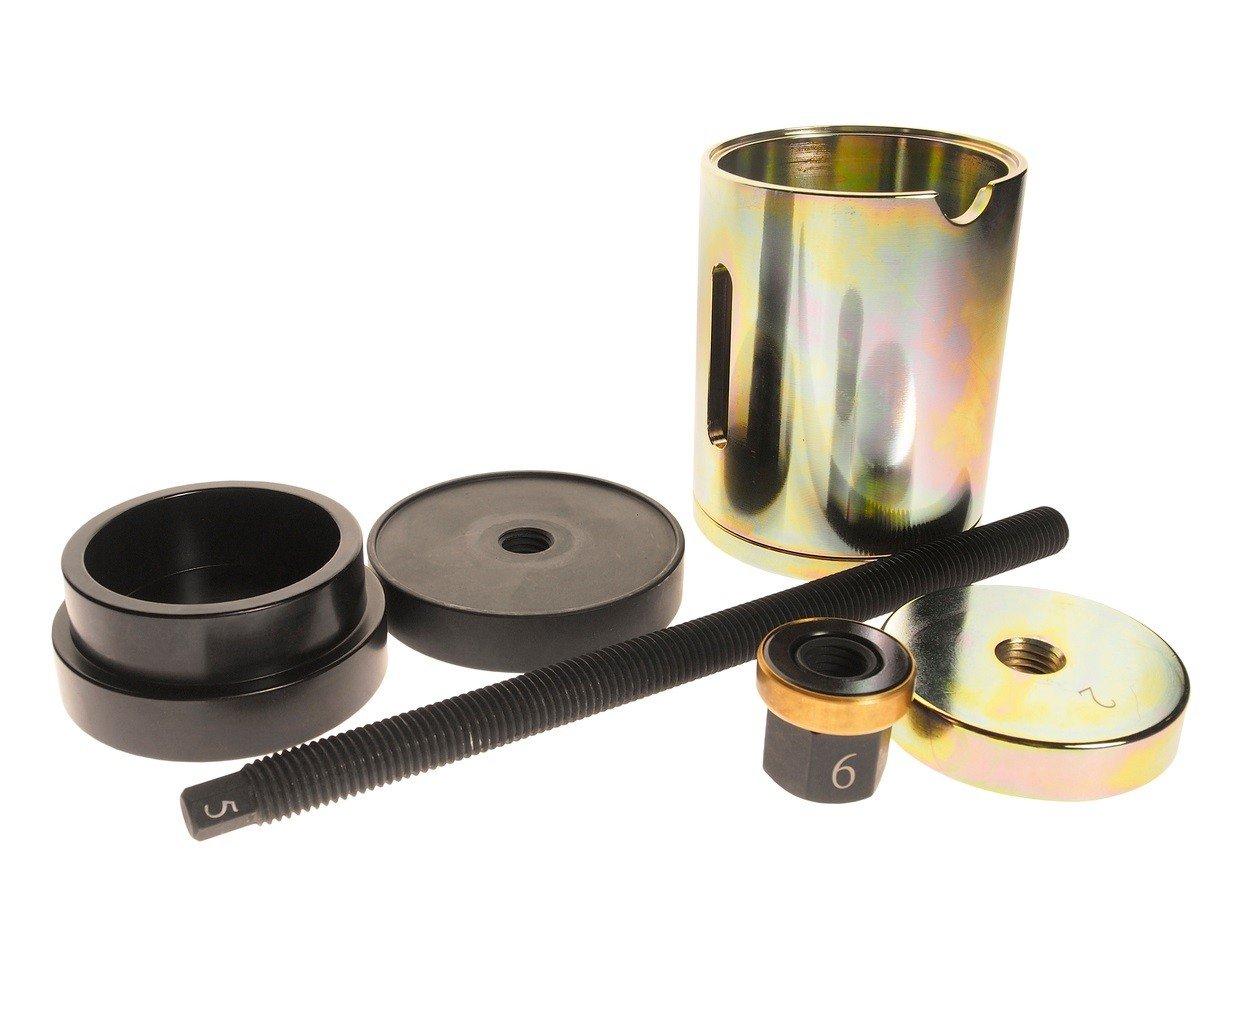 JTC-4432 Инструмент для задних сайлентблоков заднего подрамника BMW (F01, F06, F10)